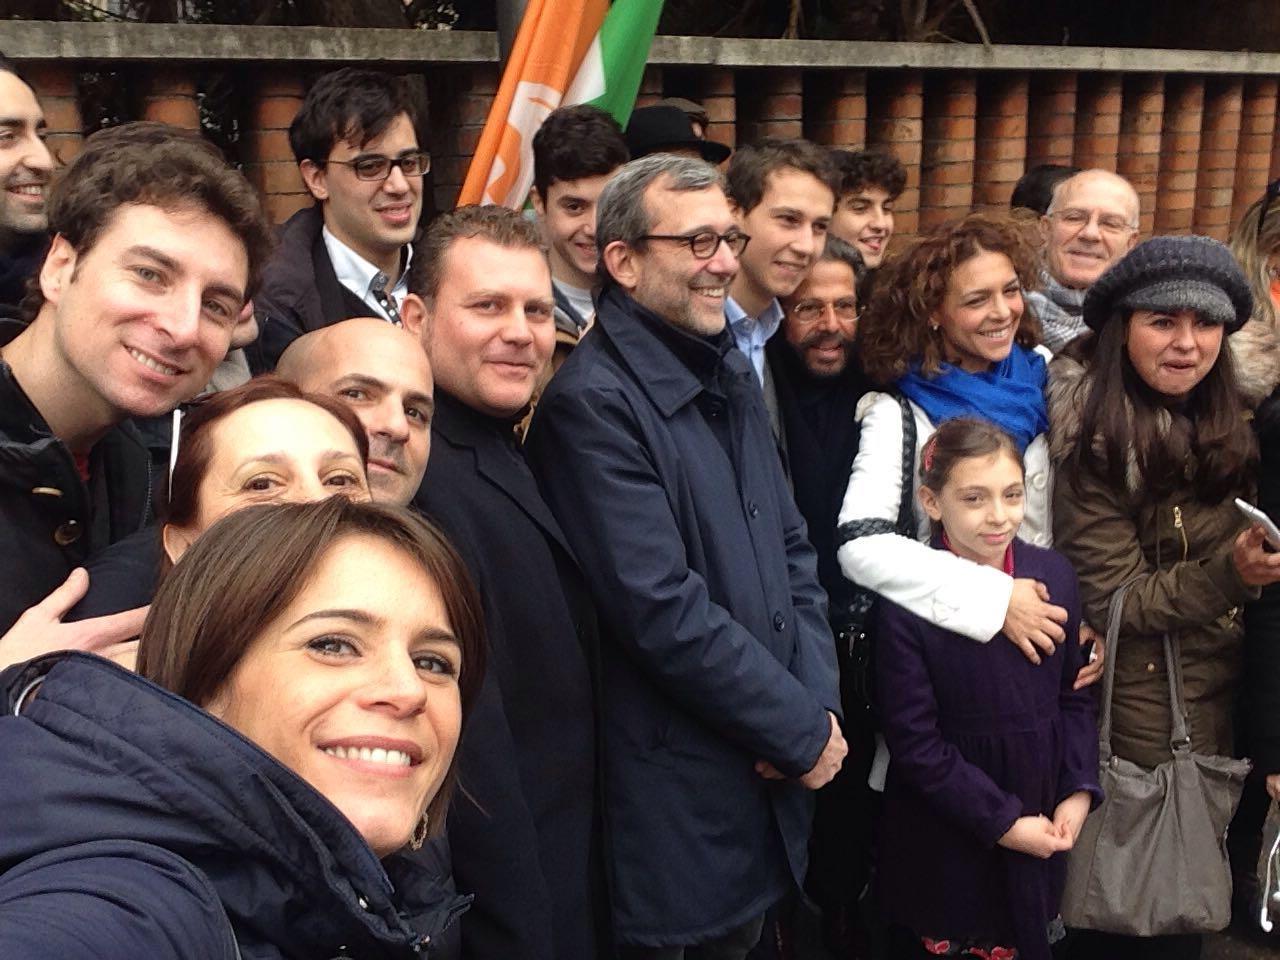 Primarie, Giachetti in #TuttaRoma per raccogliere le firme: